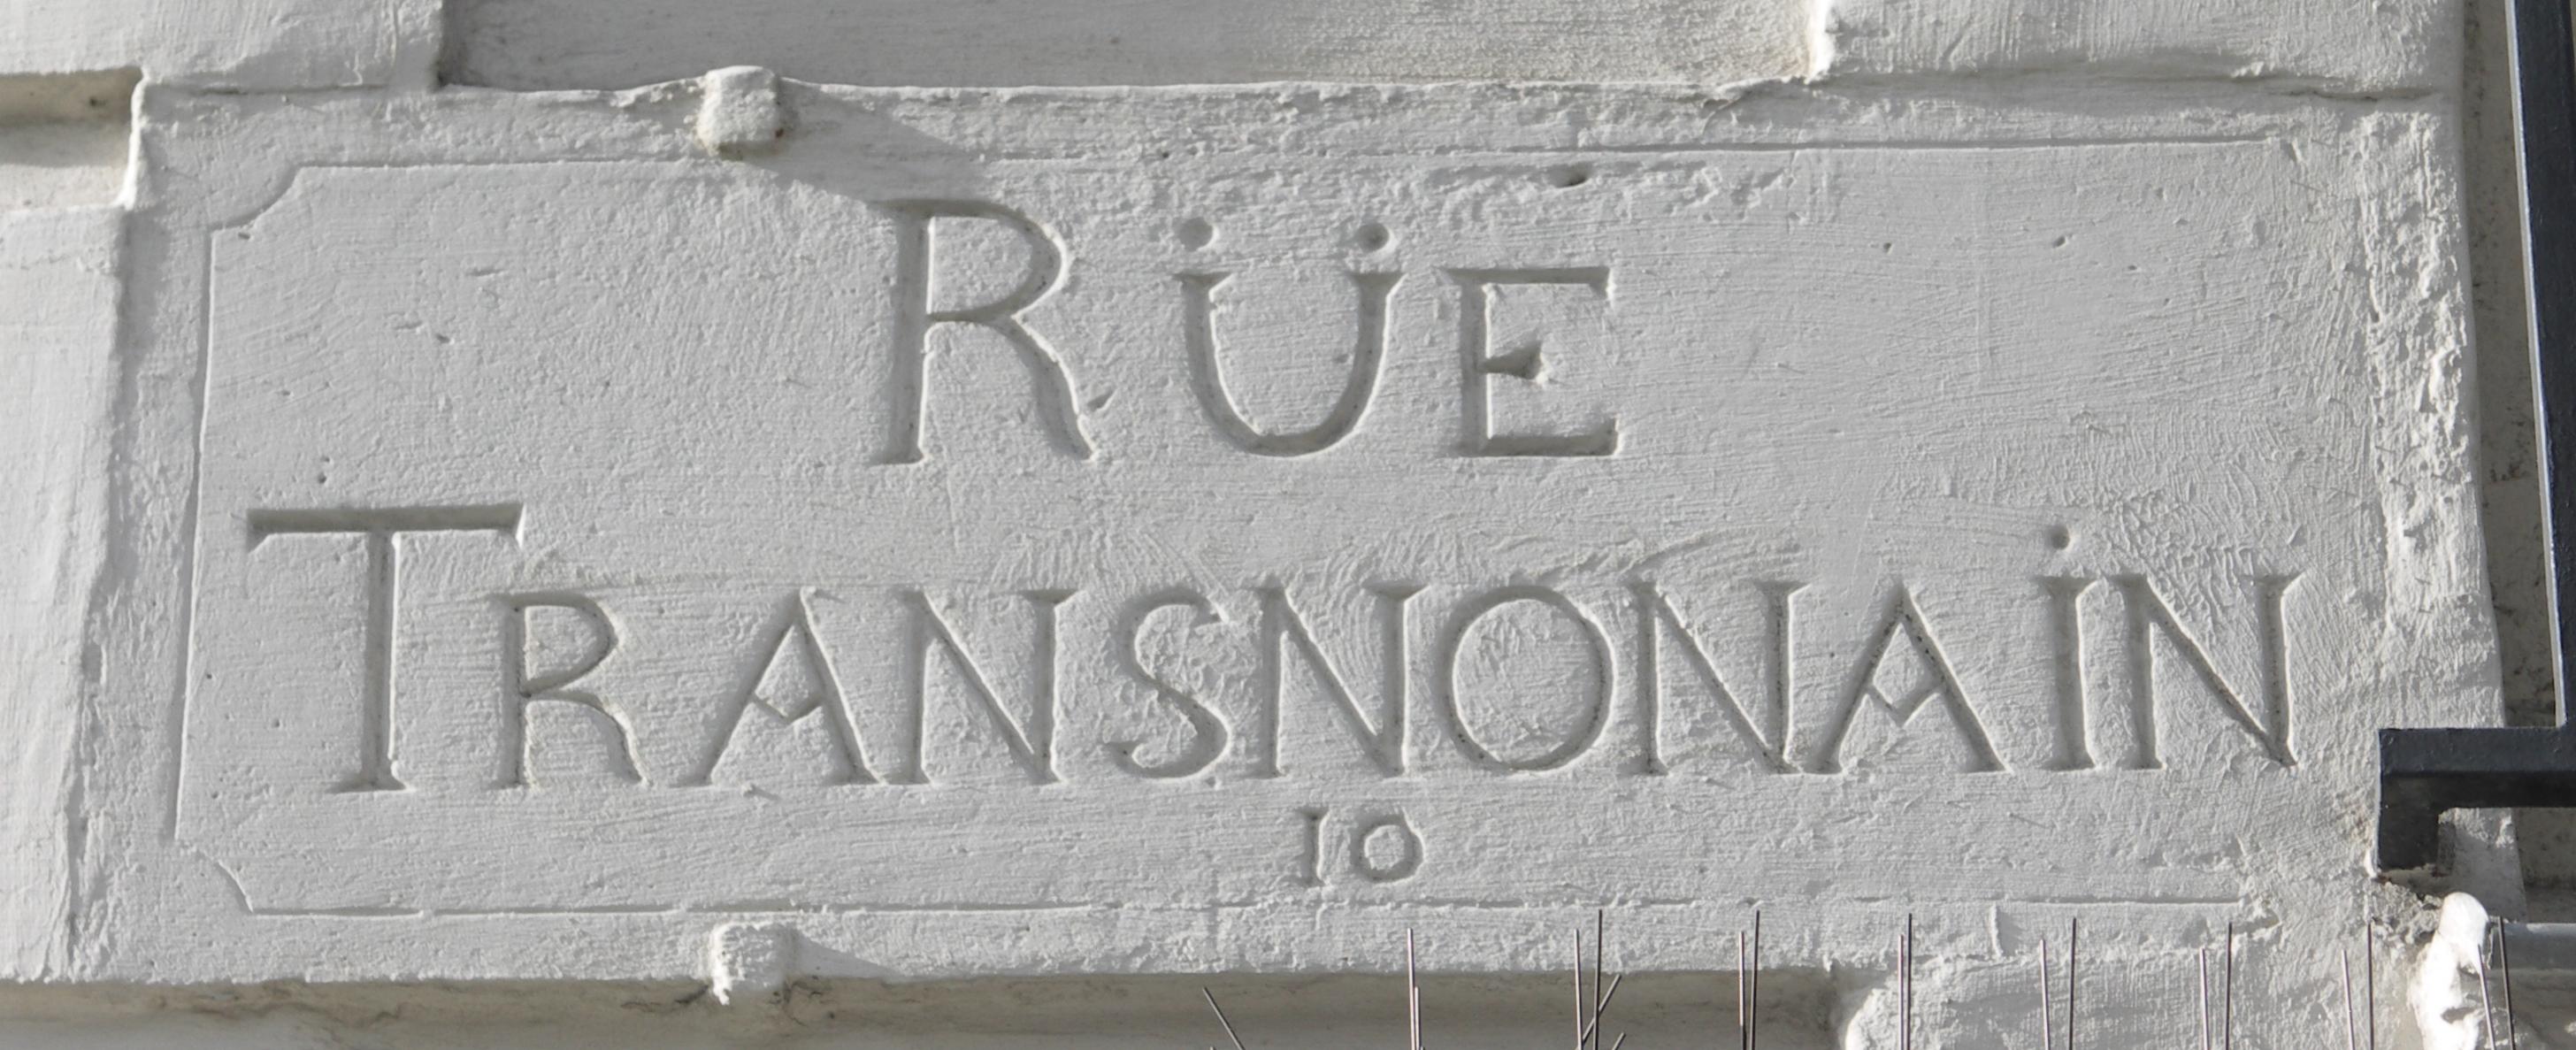 Rue transnonain